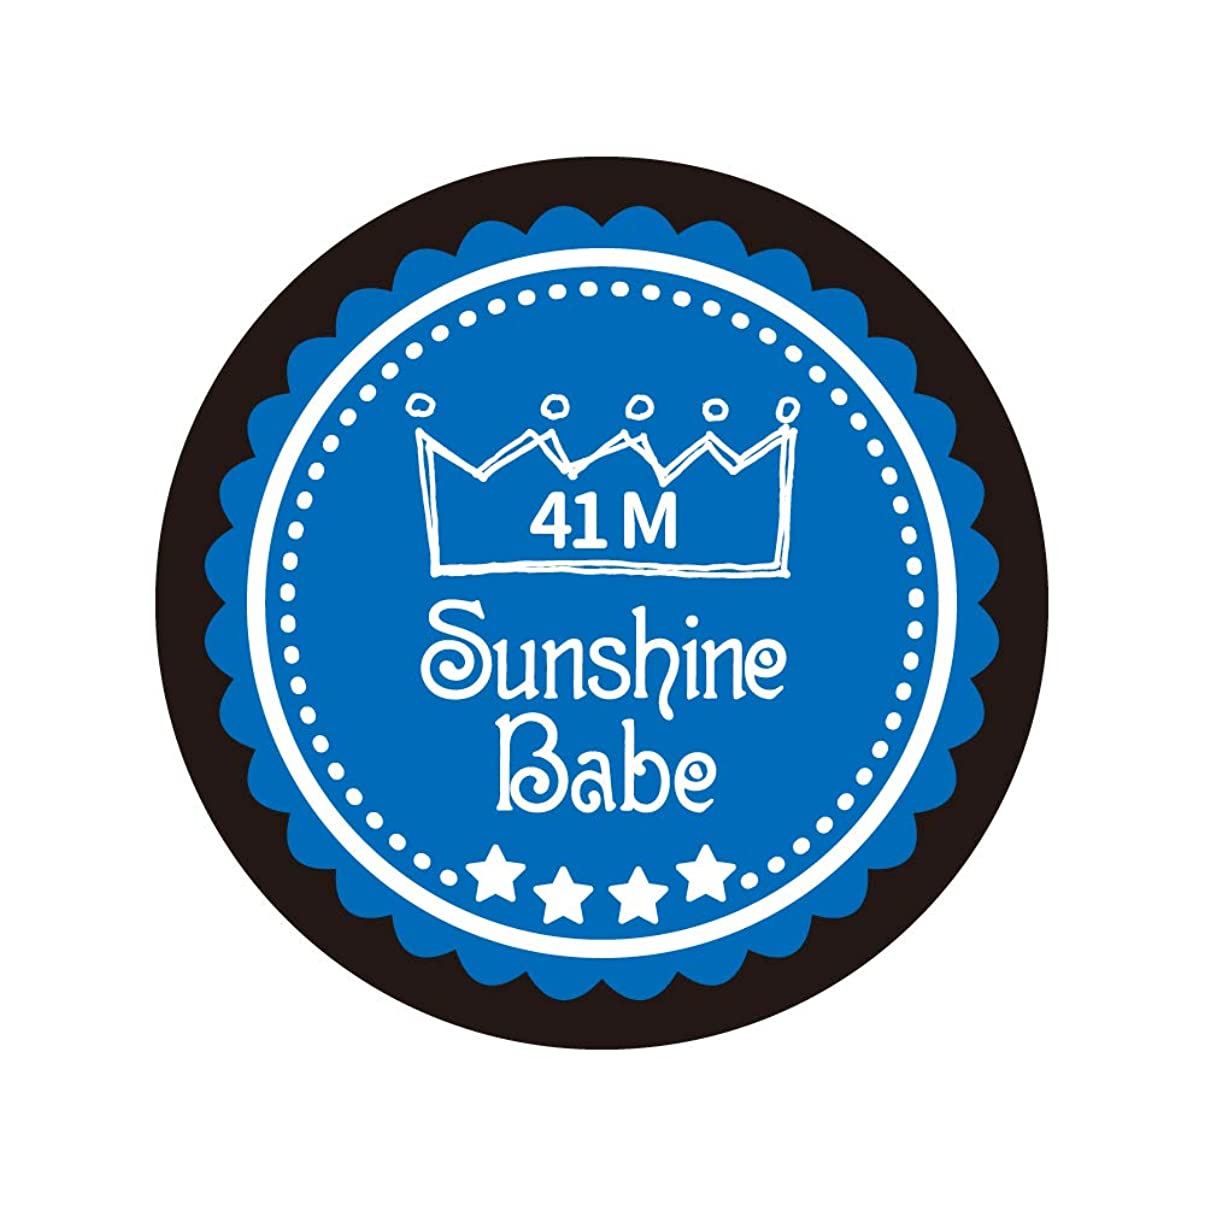 意志殺人昇るSunshine Babe カラージェル 41M ネブラスブルー 2.7g UV/LED対応